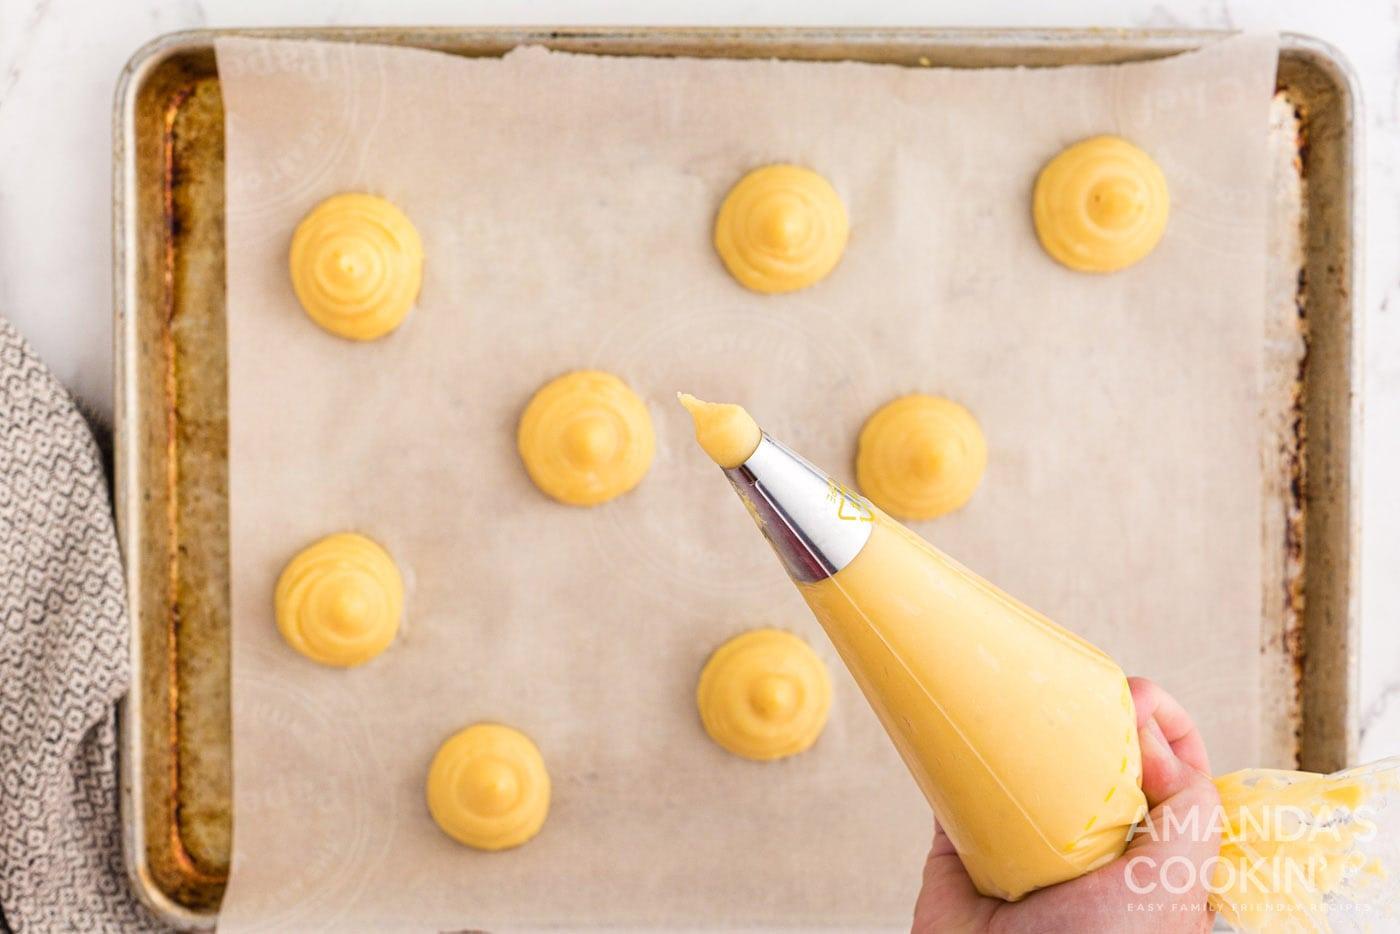 piping choux pastry dough onto baking sheet